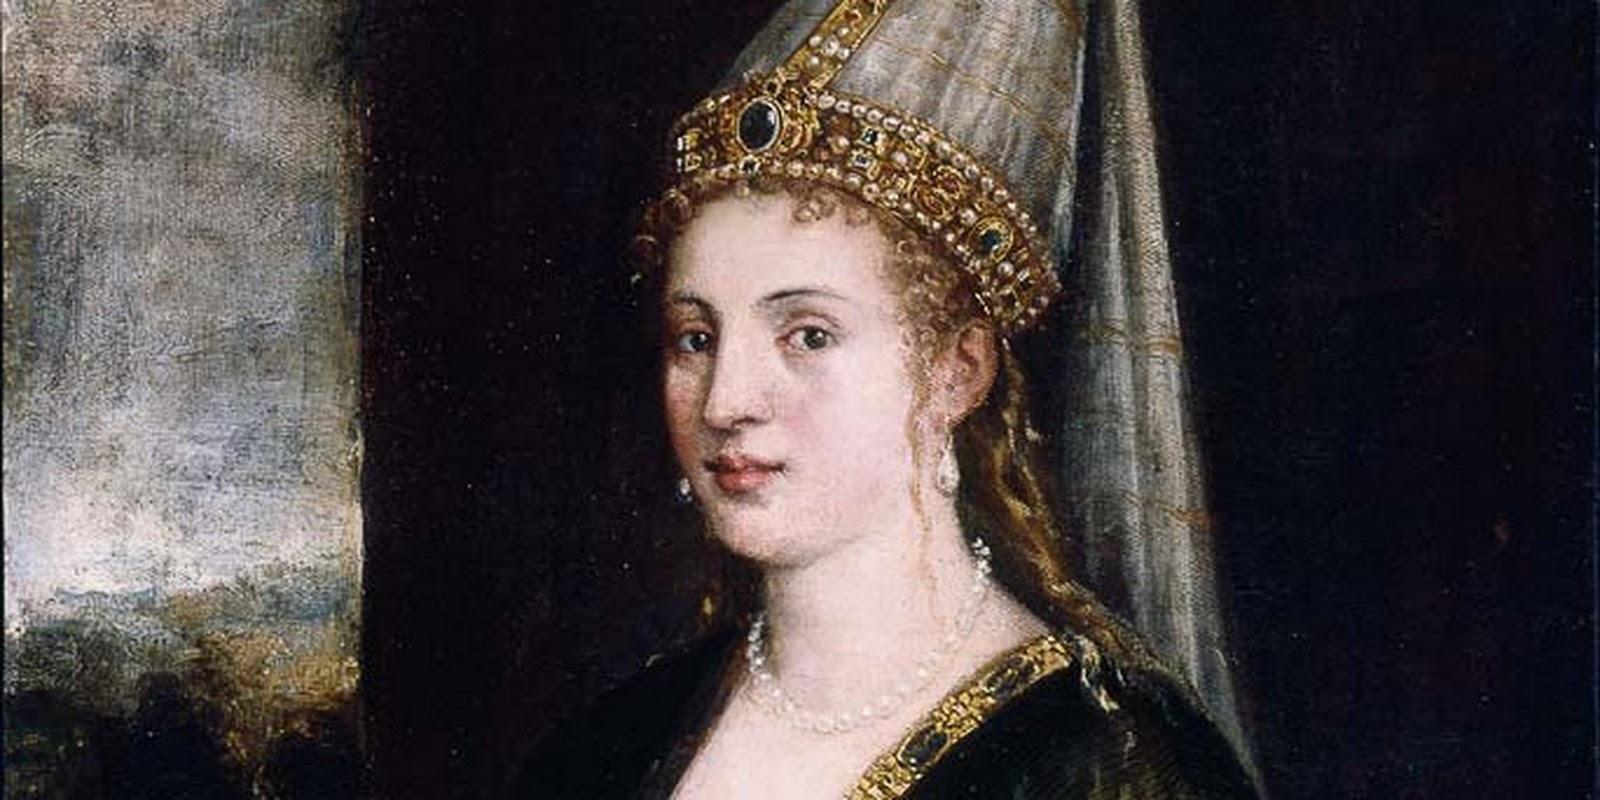 Lepota i pamet odredili sudbinu: Rokselana, žena koja je najmoćnijeg vladara Osmanskog carstva spustila na kolena